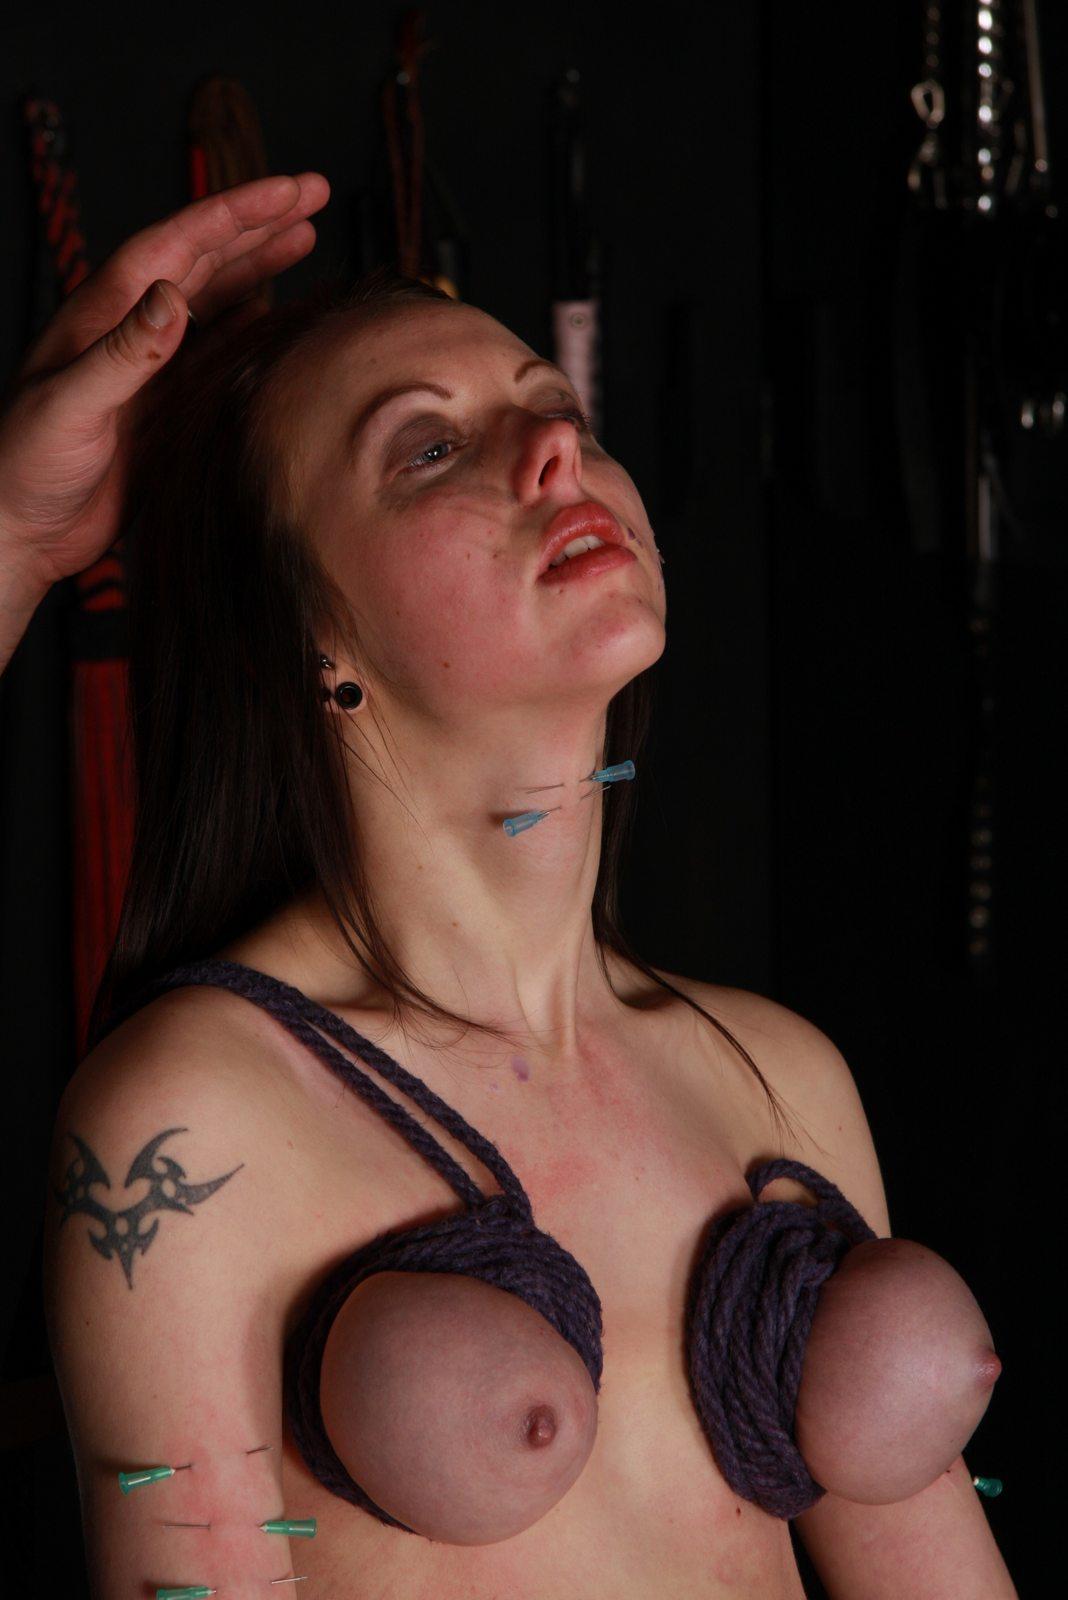 Пытки титек фото 30 фотография